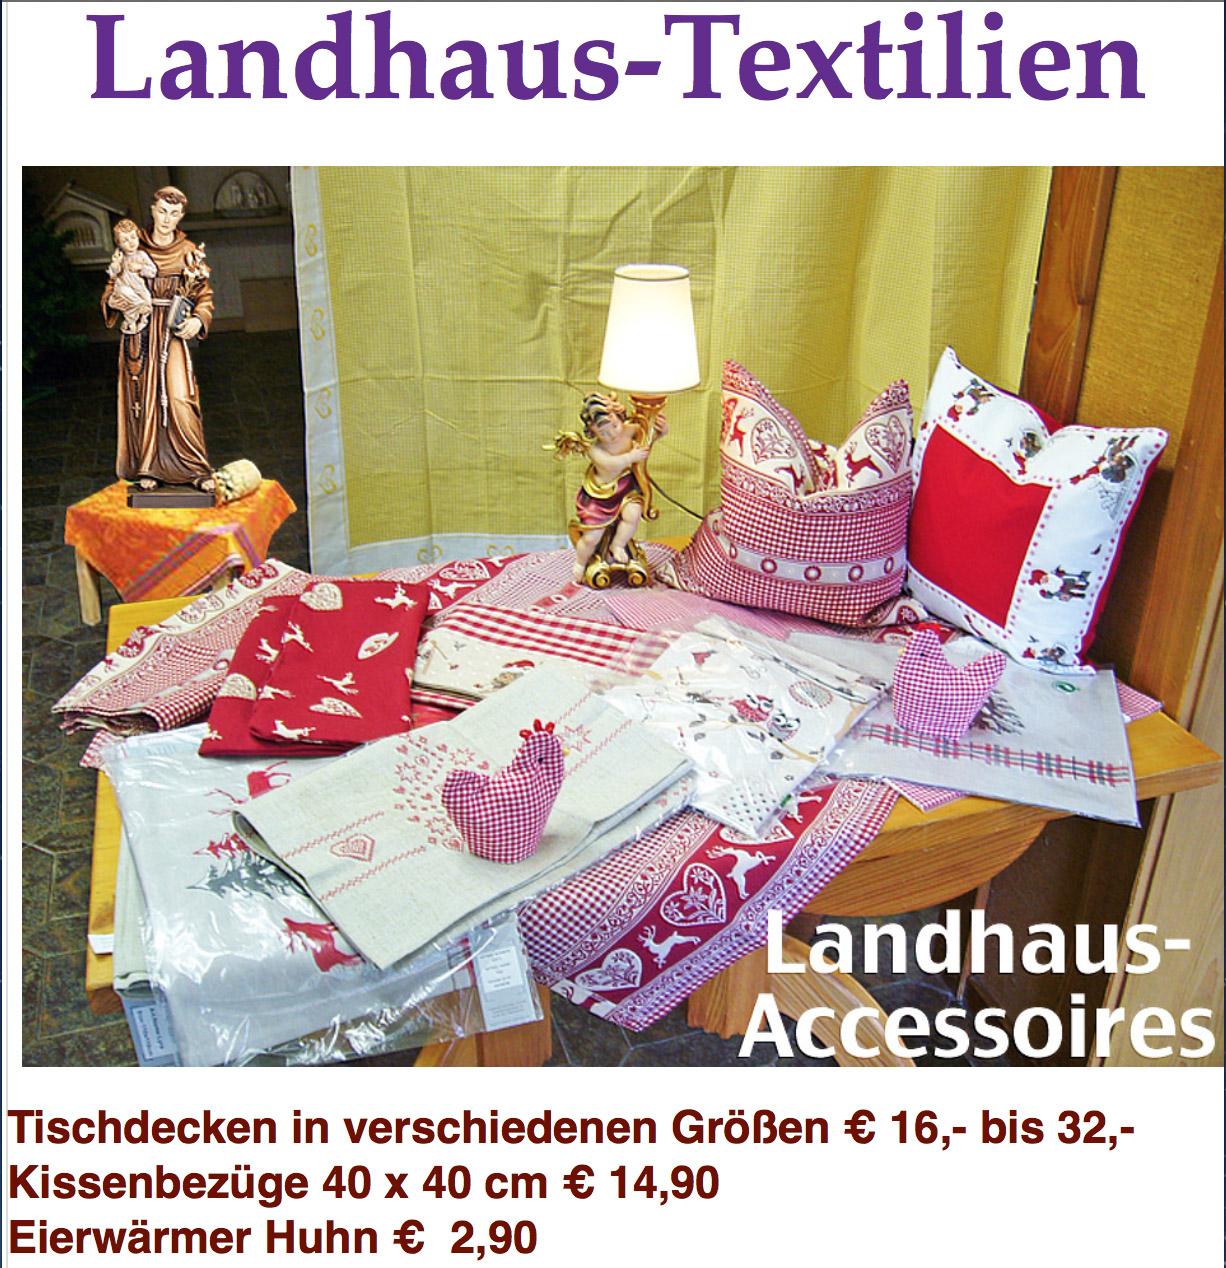 Landhaus-Accessoires - Landhaus-Tischdecken | Karlsruher Brigändle